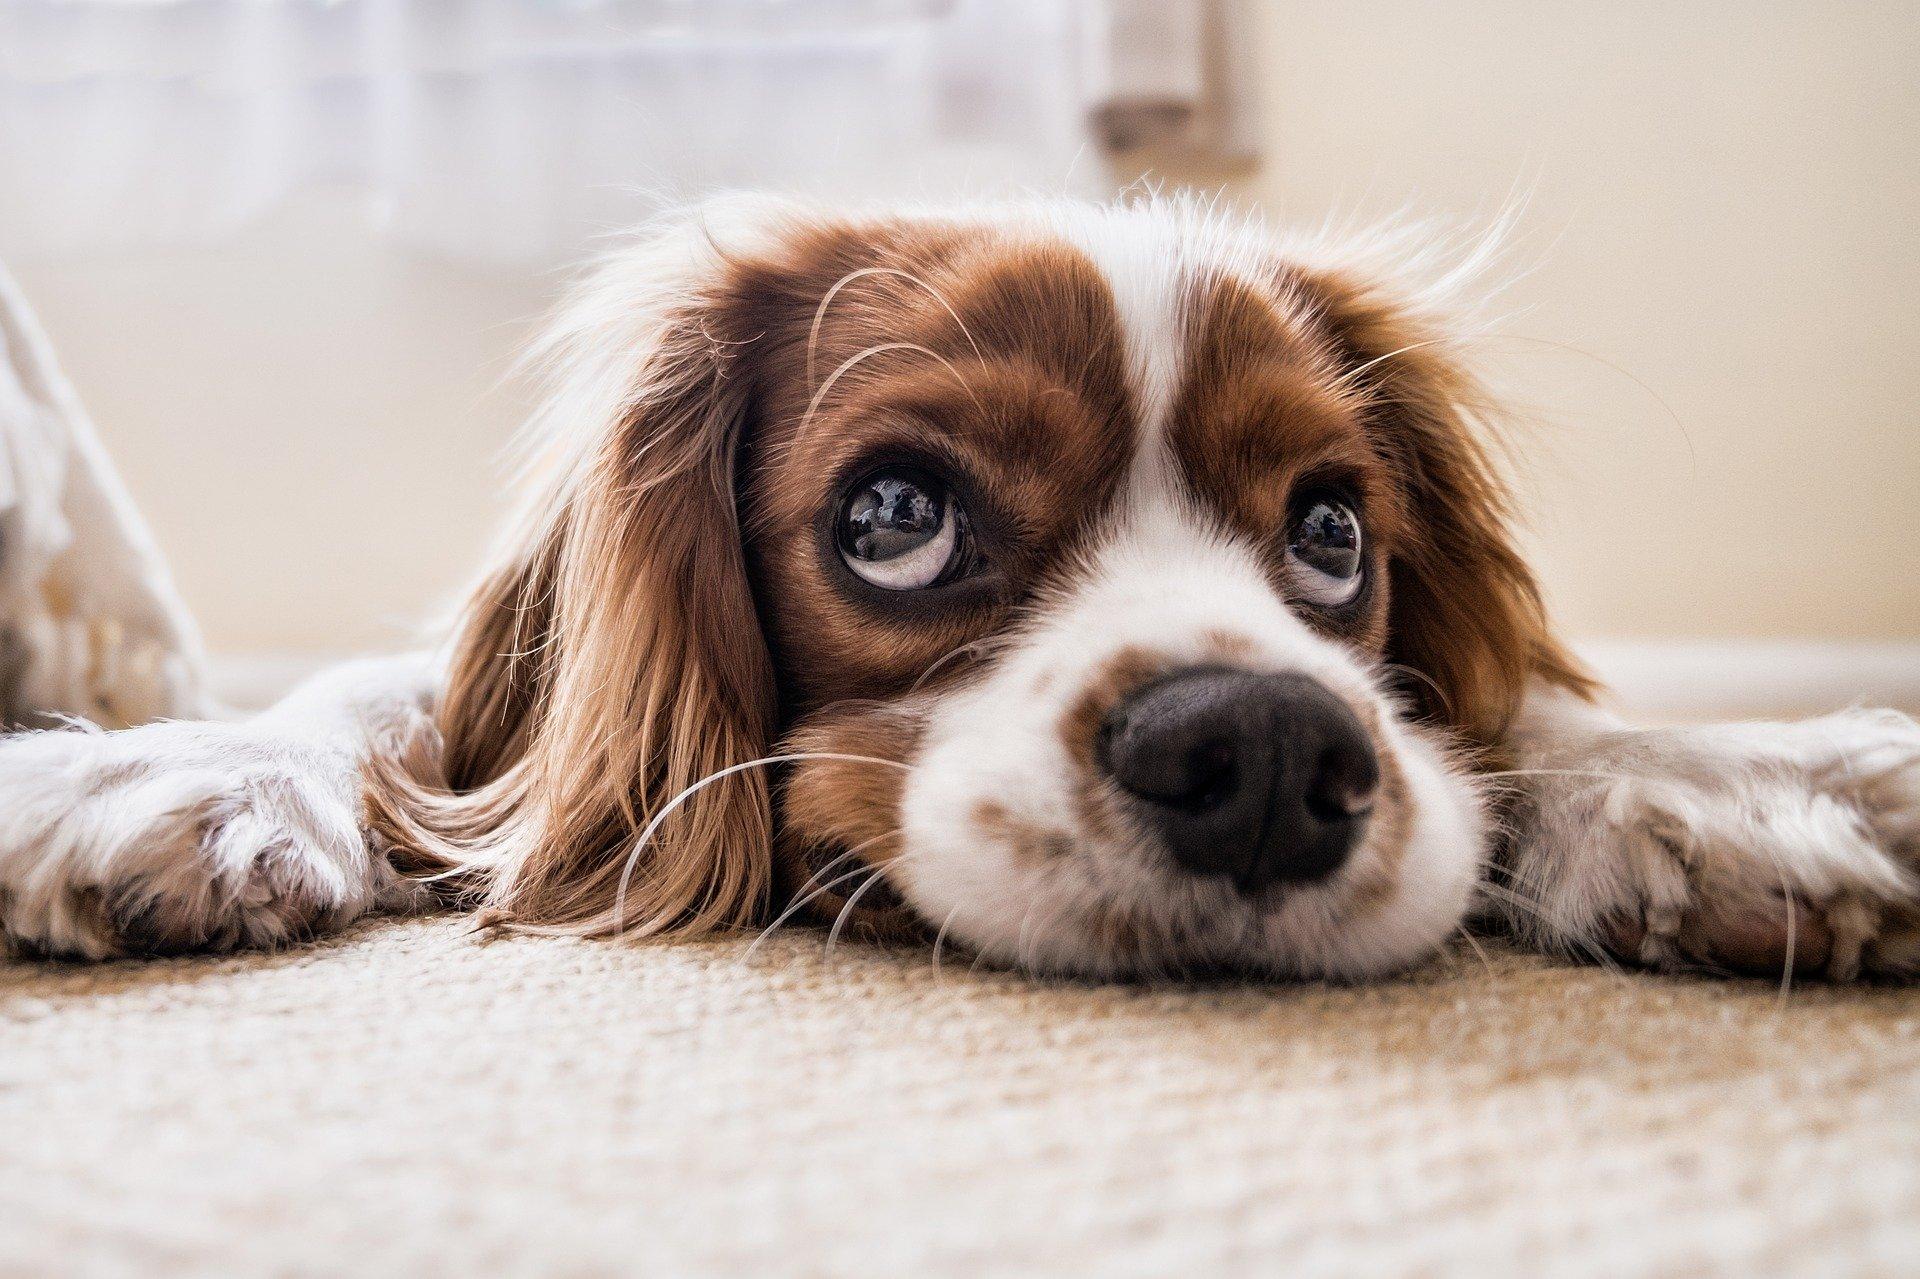 Ortschaftrat Steve Brose fragte im Ortschaftsrat wiederholt die Bürgermeisterin an: Was hat die letzte Hundesteuererhöhung die Stadt gekostet und was hat diese eingebracht?